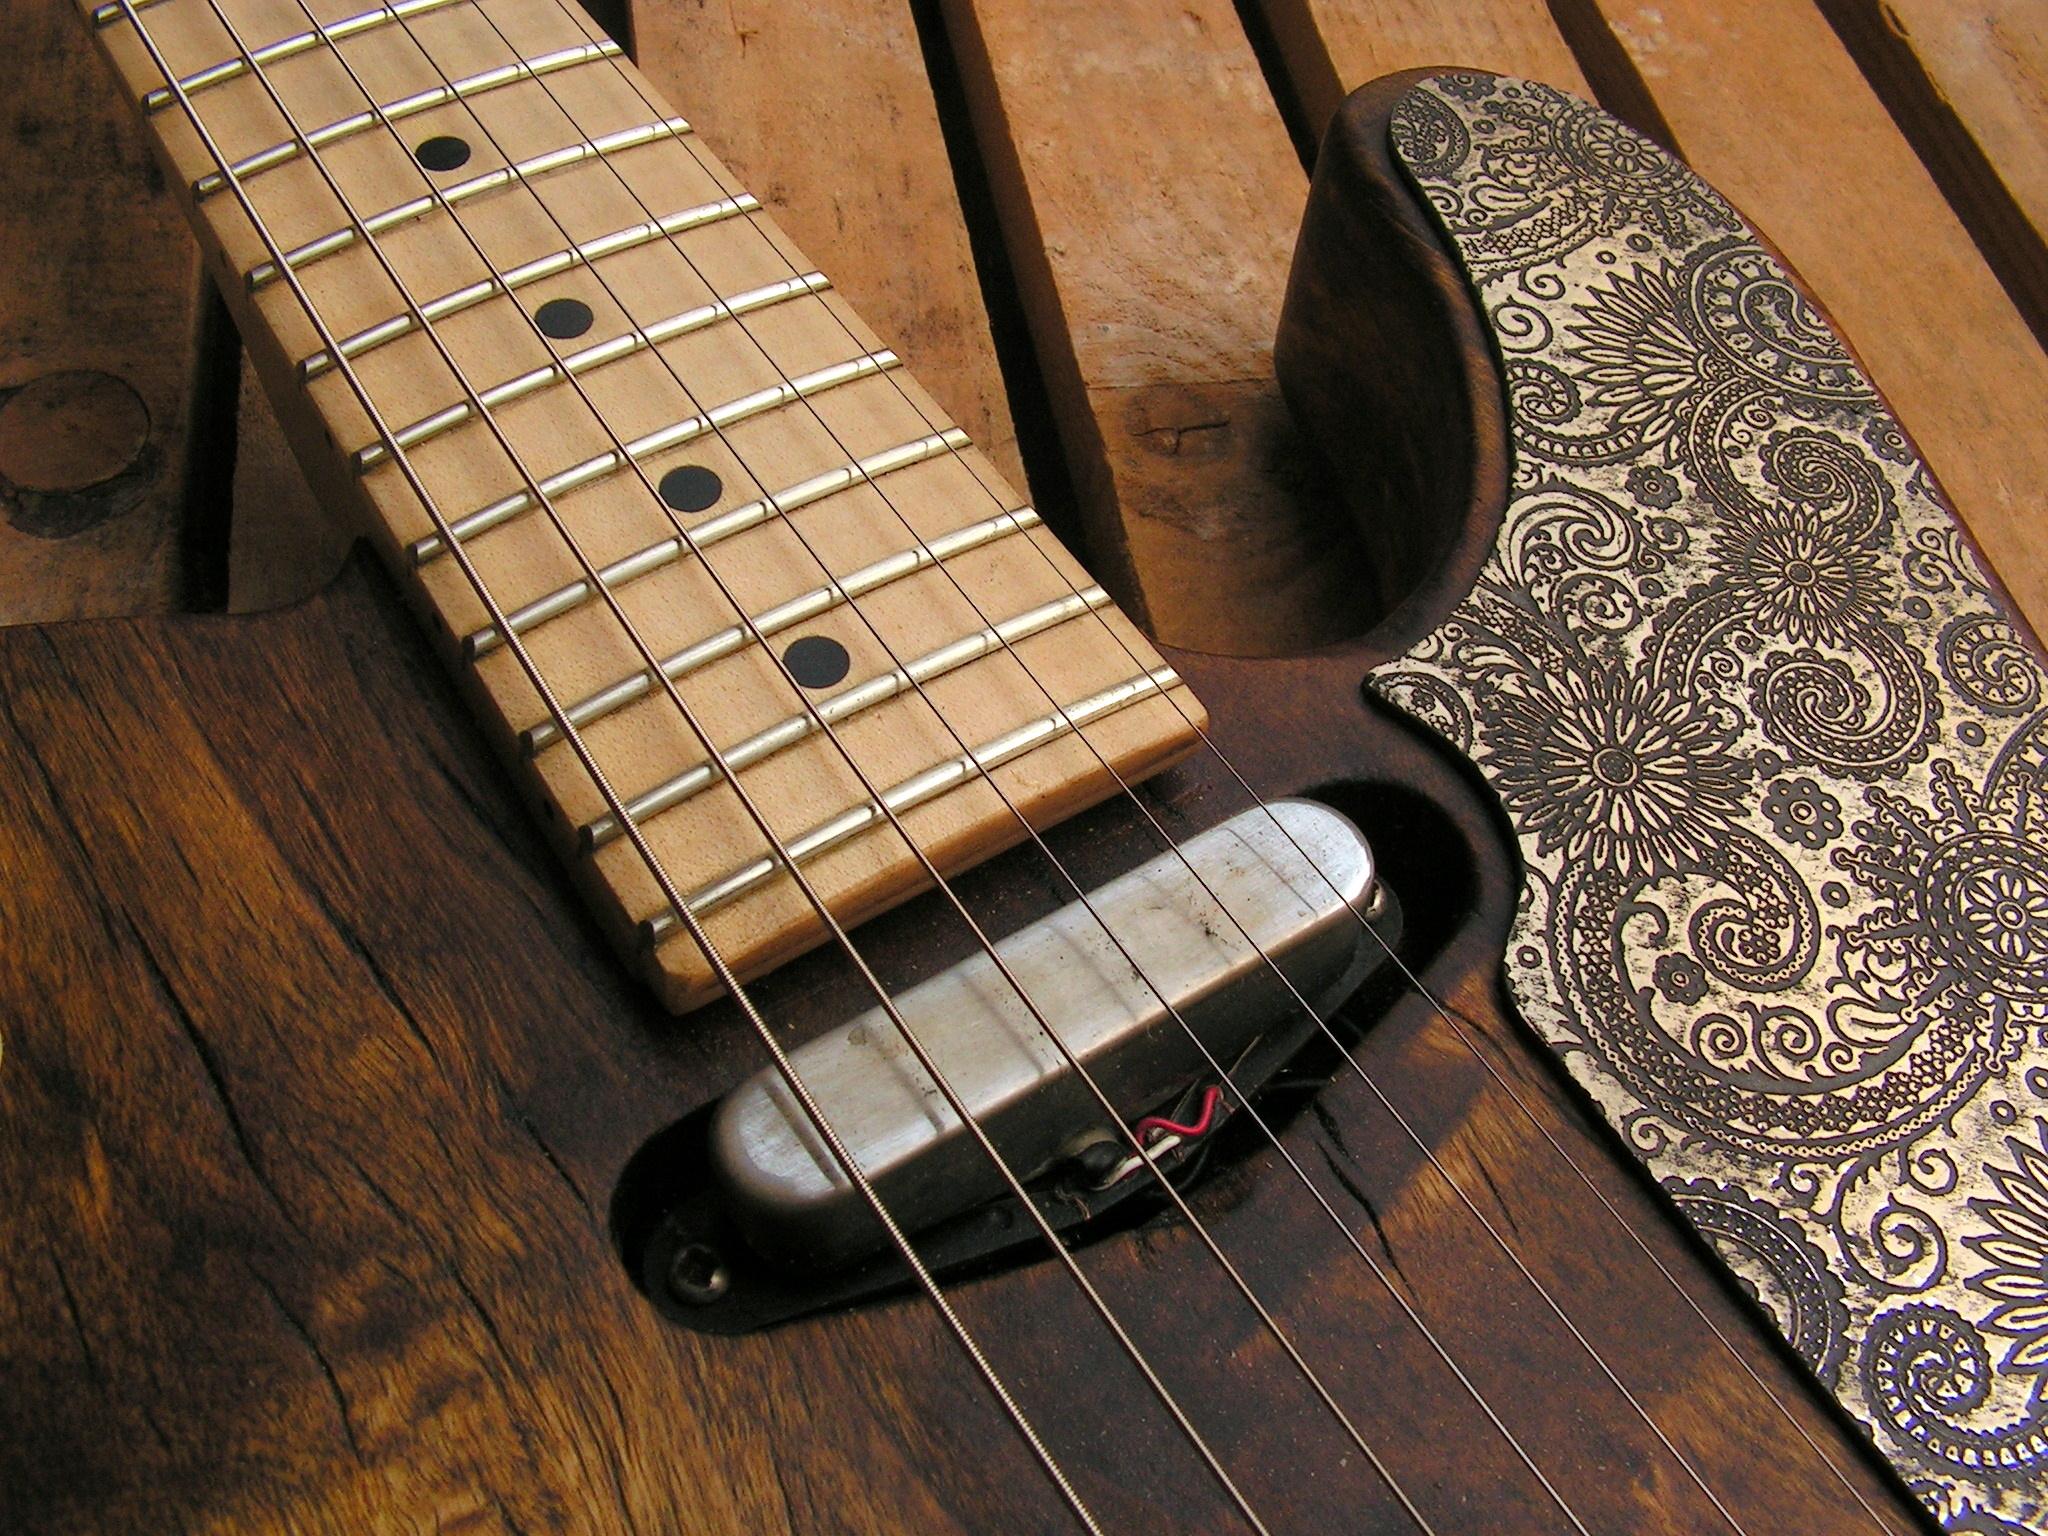 Pickup al manico di una chitarra elettrica Telecaster in pioppo